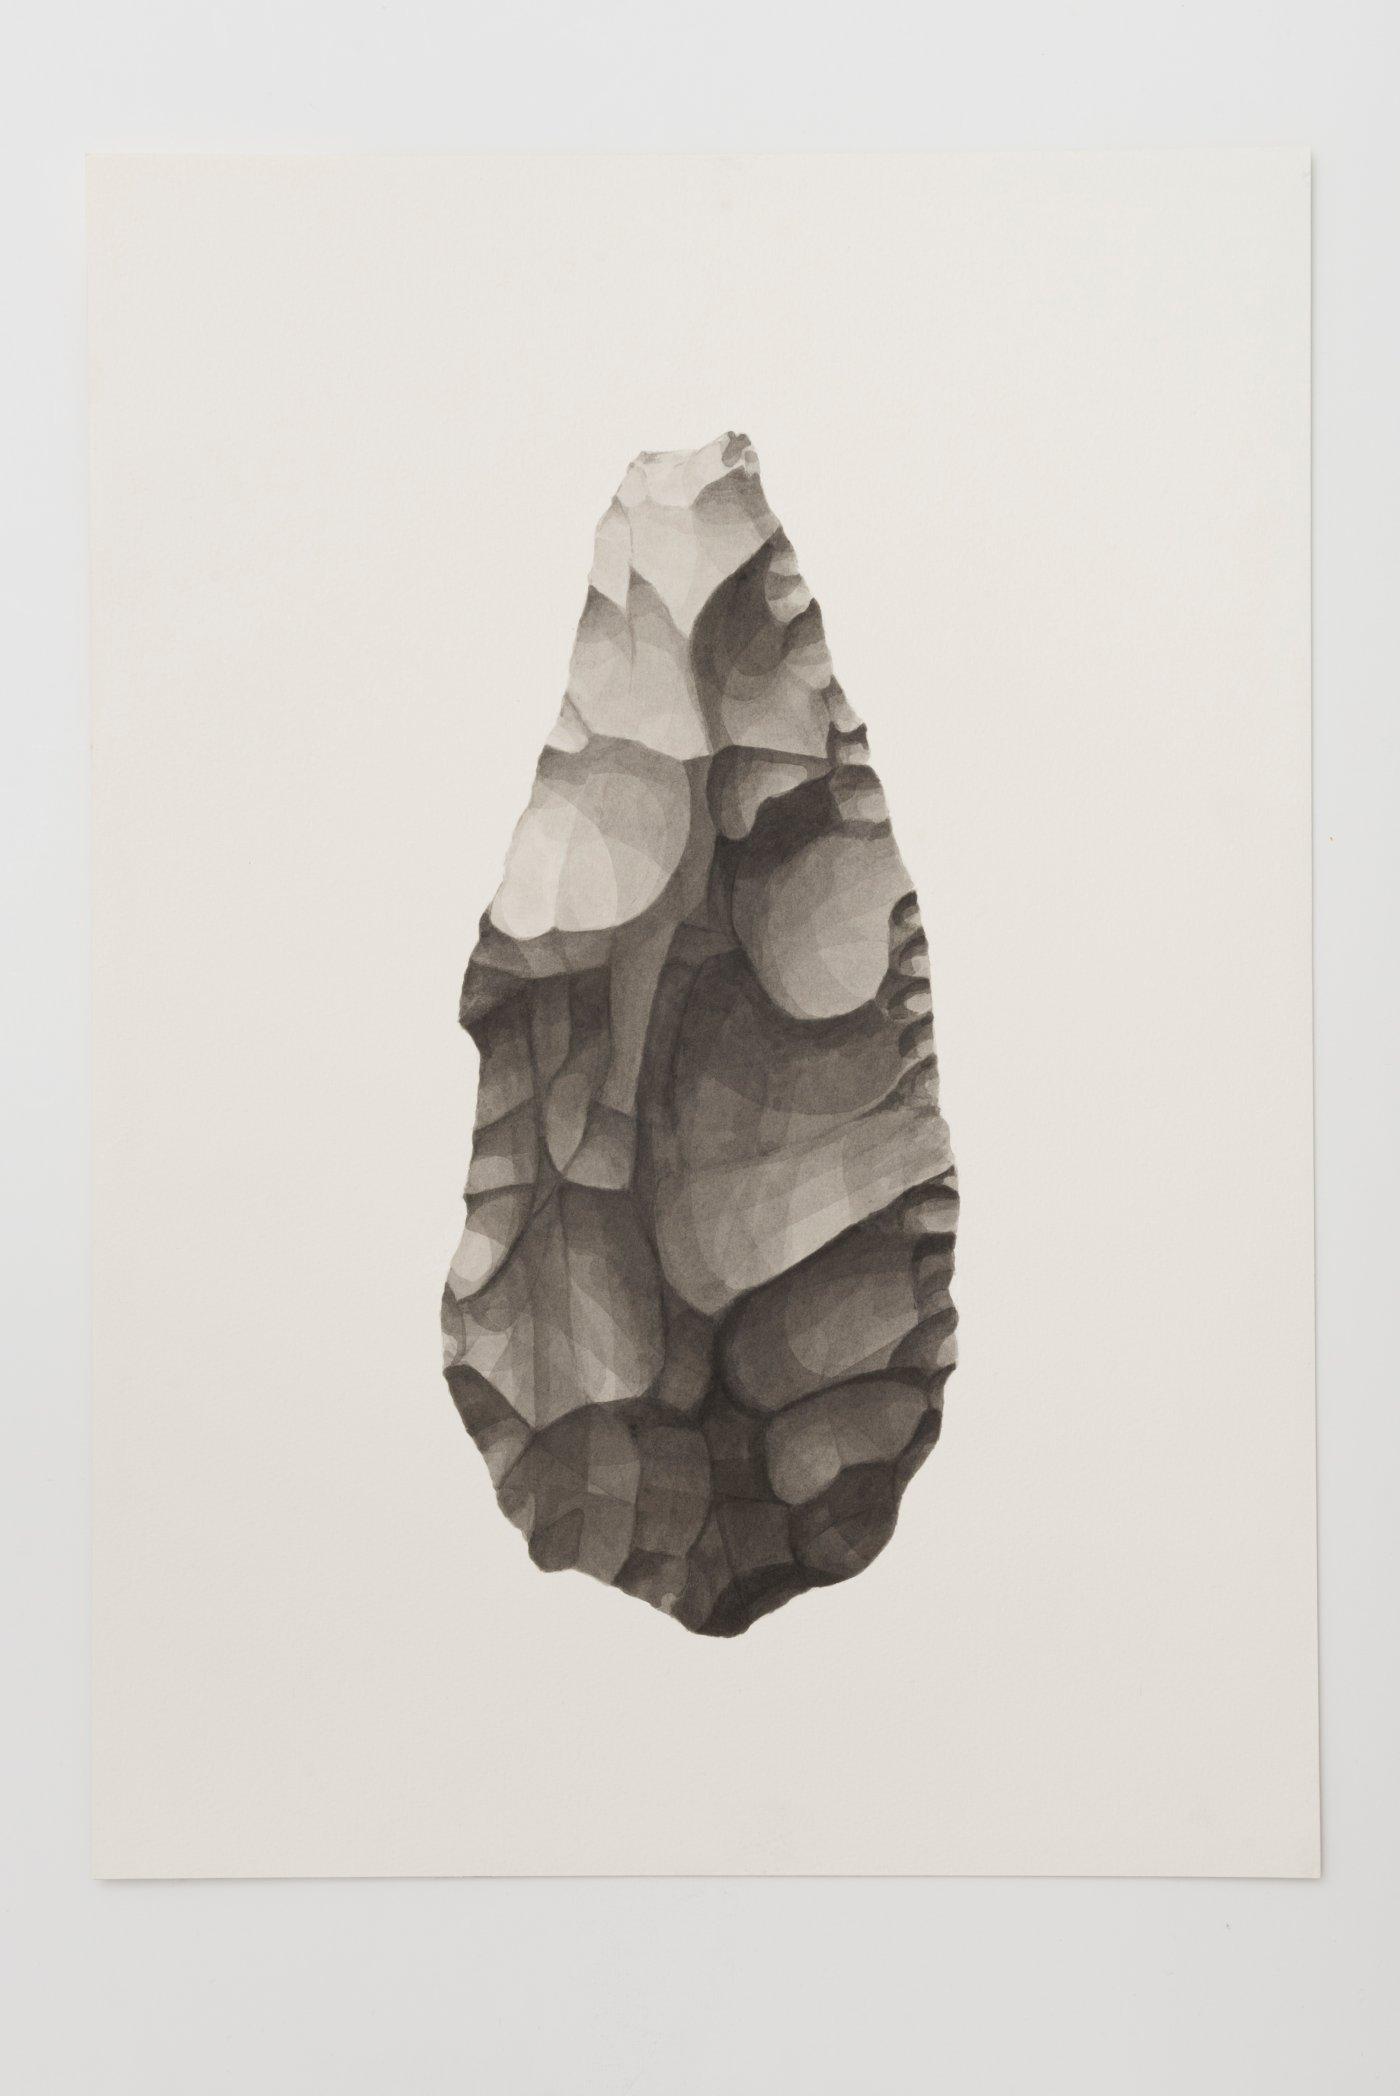 Ungrounded object 1 (Olduvai Axe I)